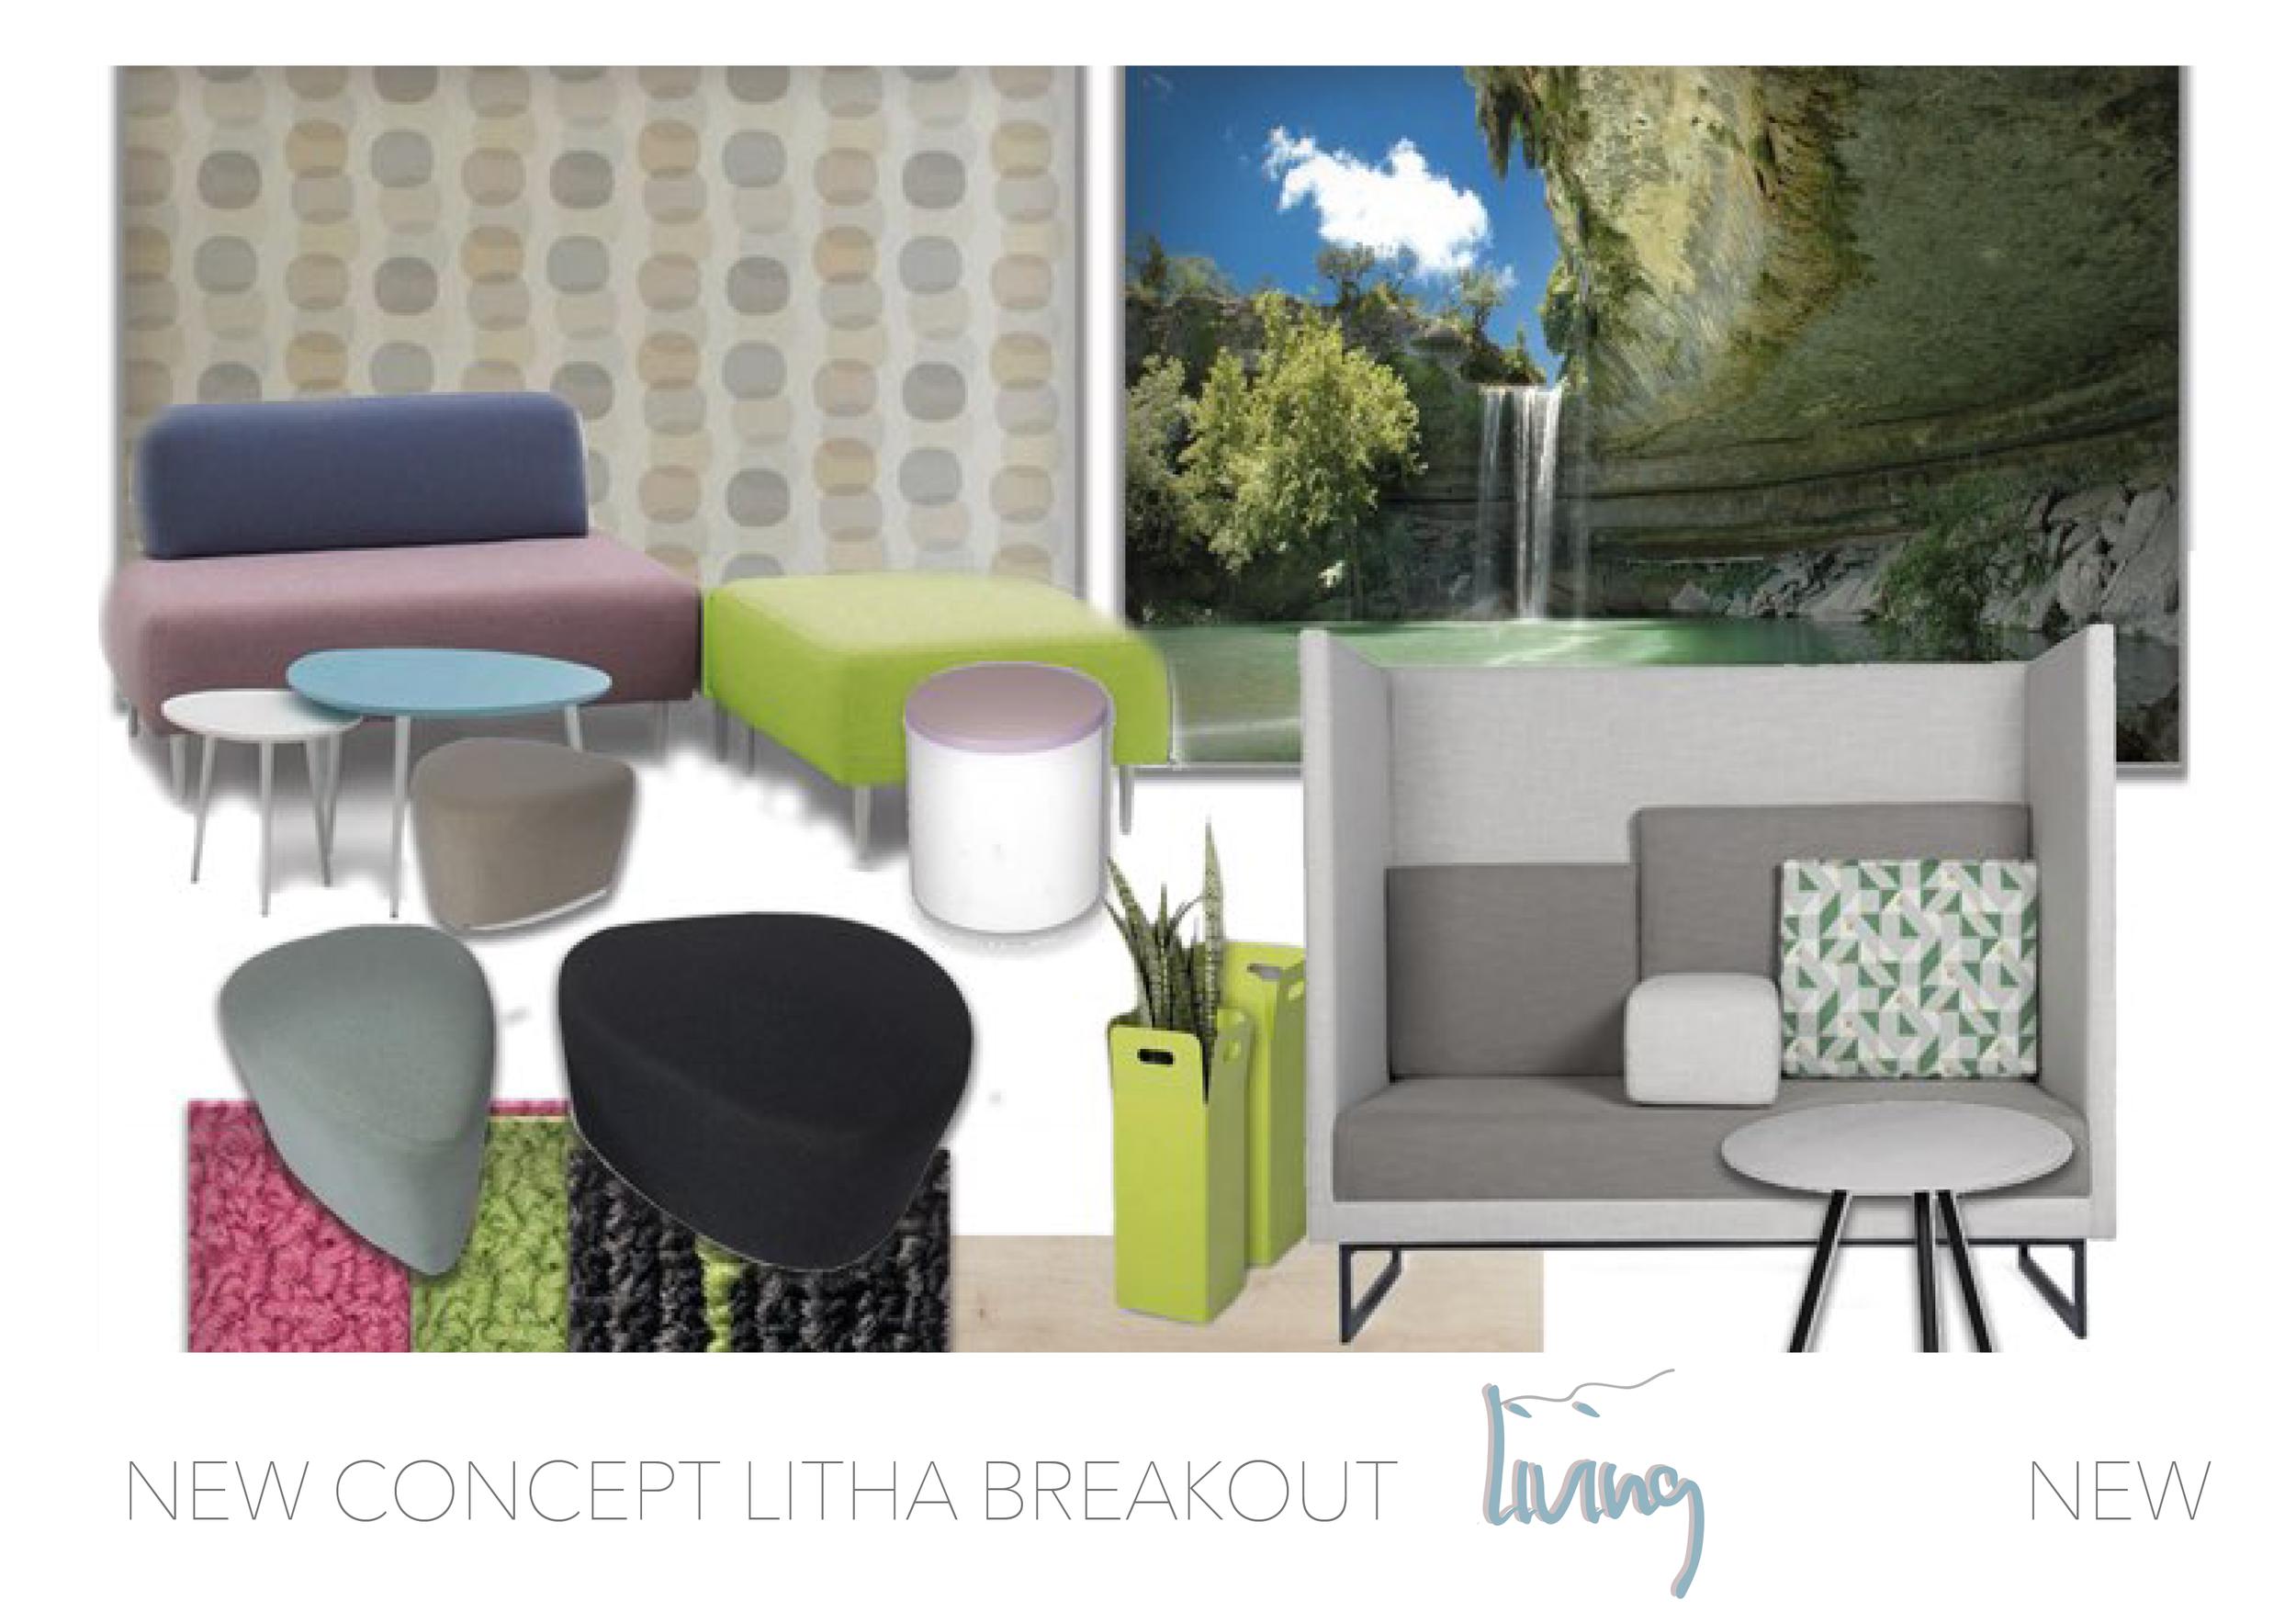 Litha_Concept_web8.png